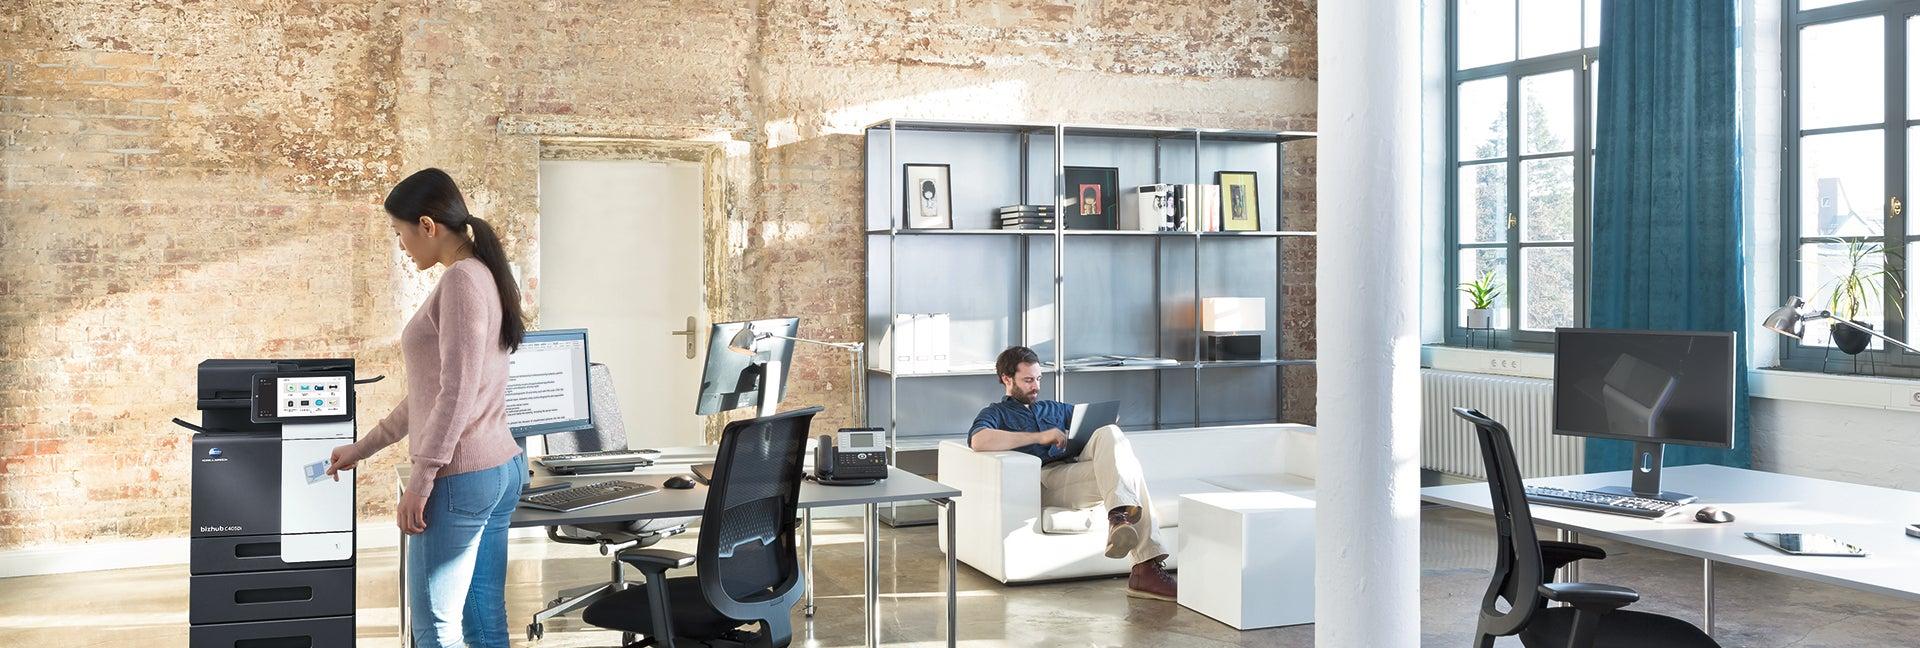 Frau steht vor dem Bürodrucker und holt einen Ausdruck aus dem Ausgabefach im Hintergrund ein Kollege, der auf der Couch sitzt und am Laptop arbeitet